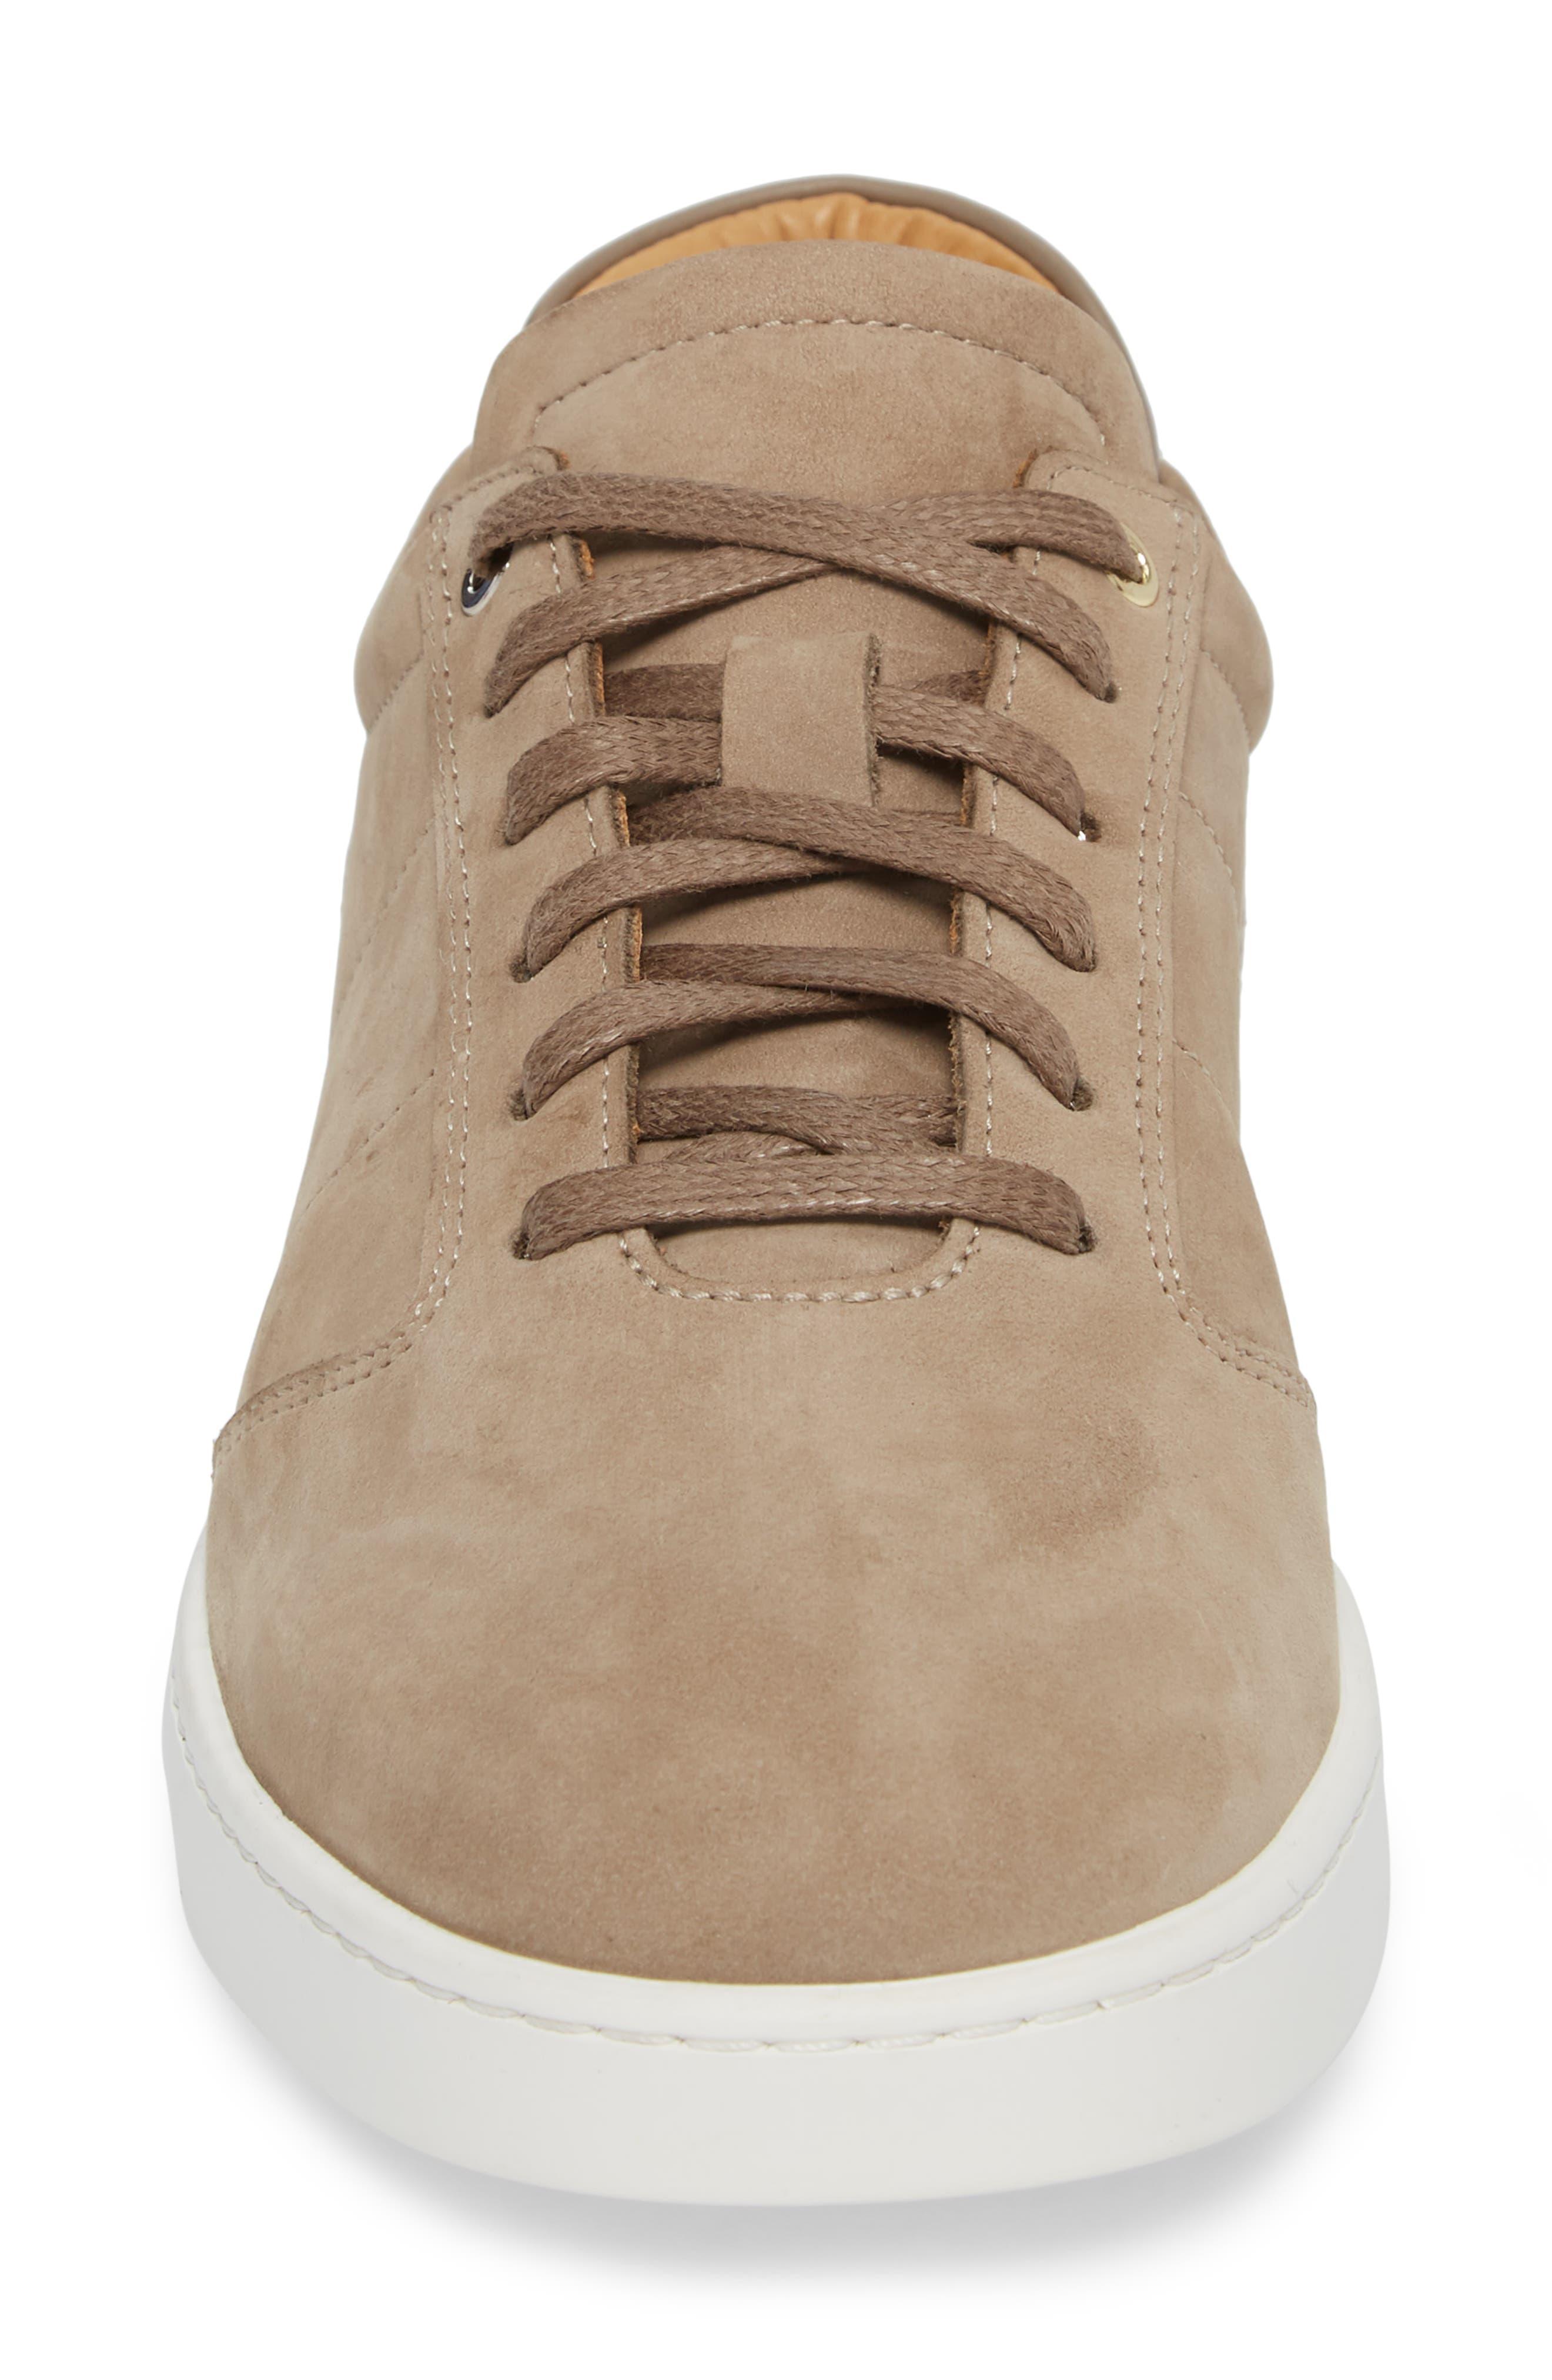 Lennon Sneaker,                             Alternate thumbnail 4, color,                             Woodsmoke/ Mushroom